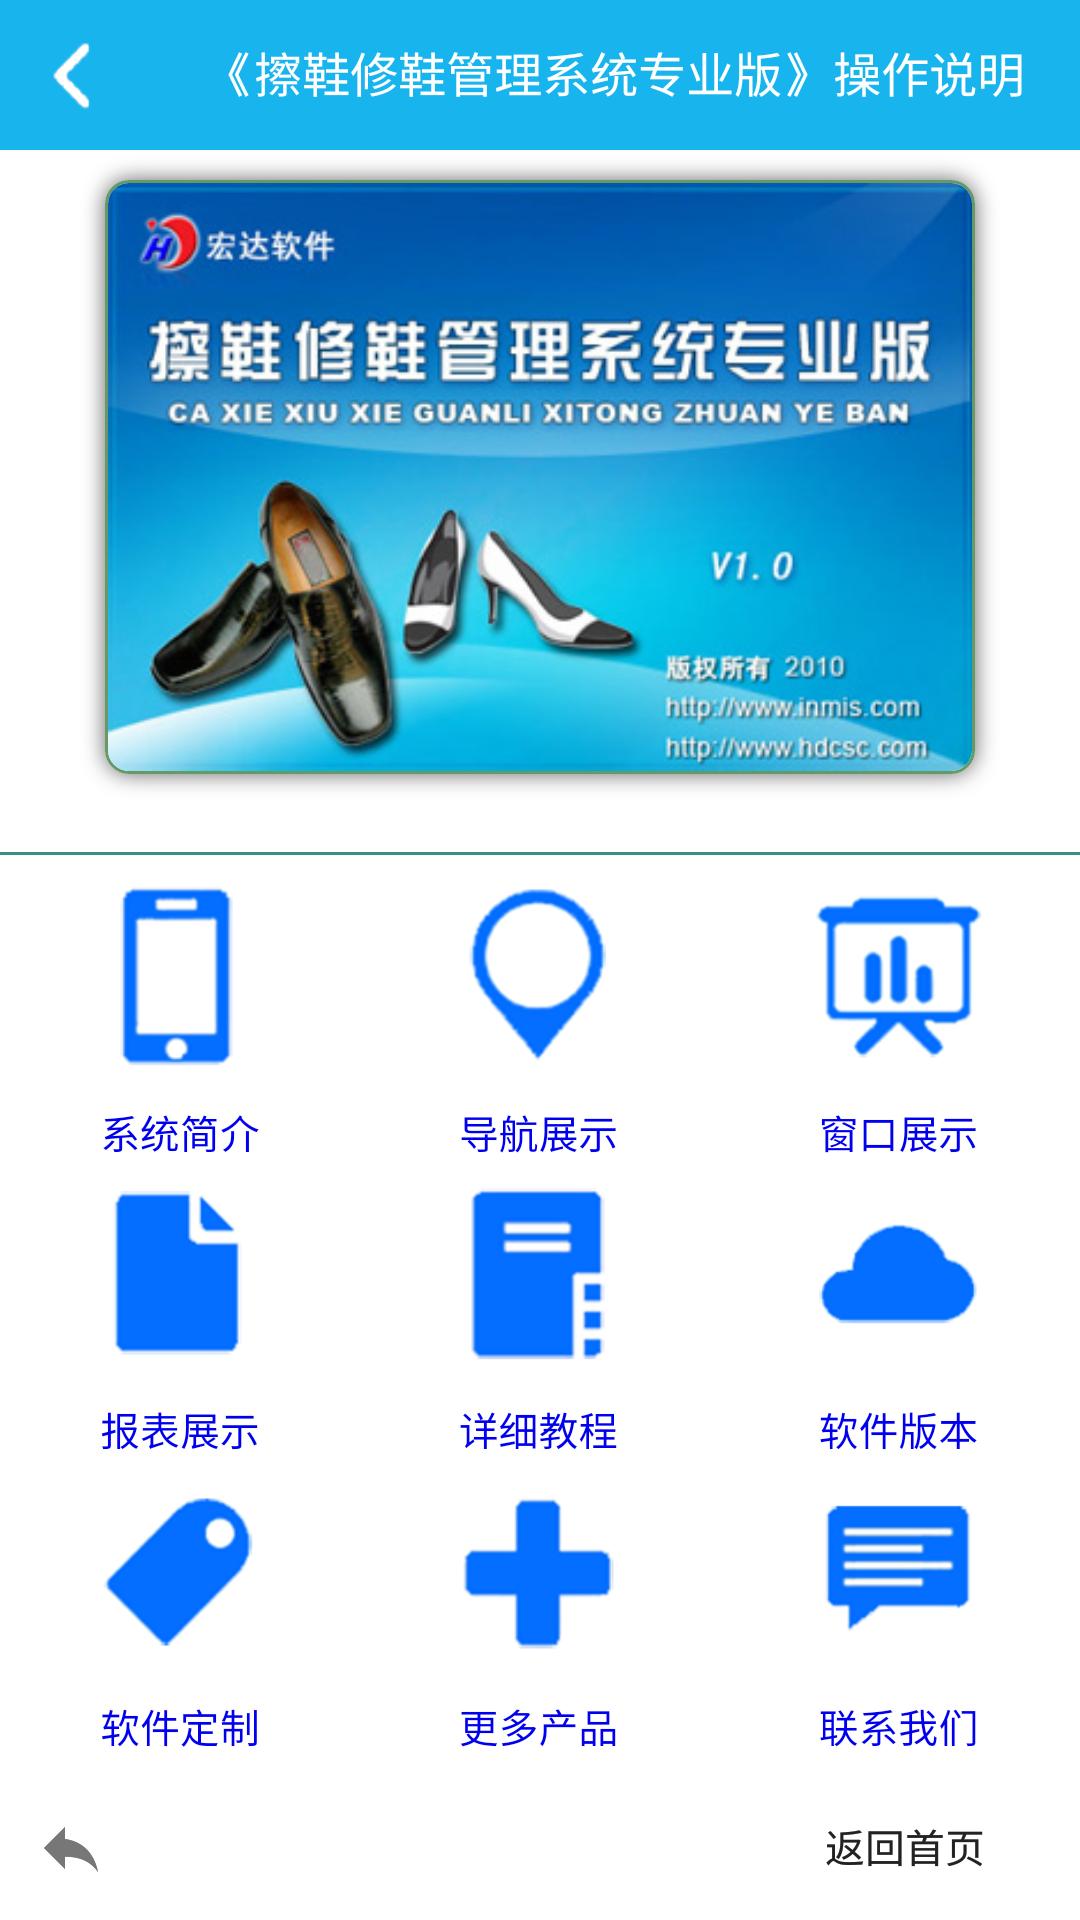 专业修鞋管理系统